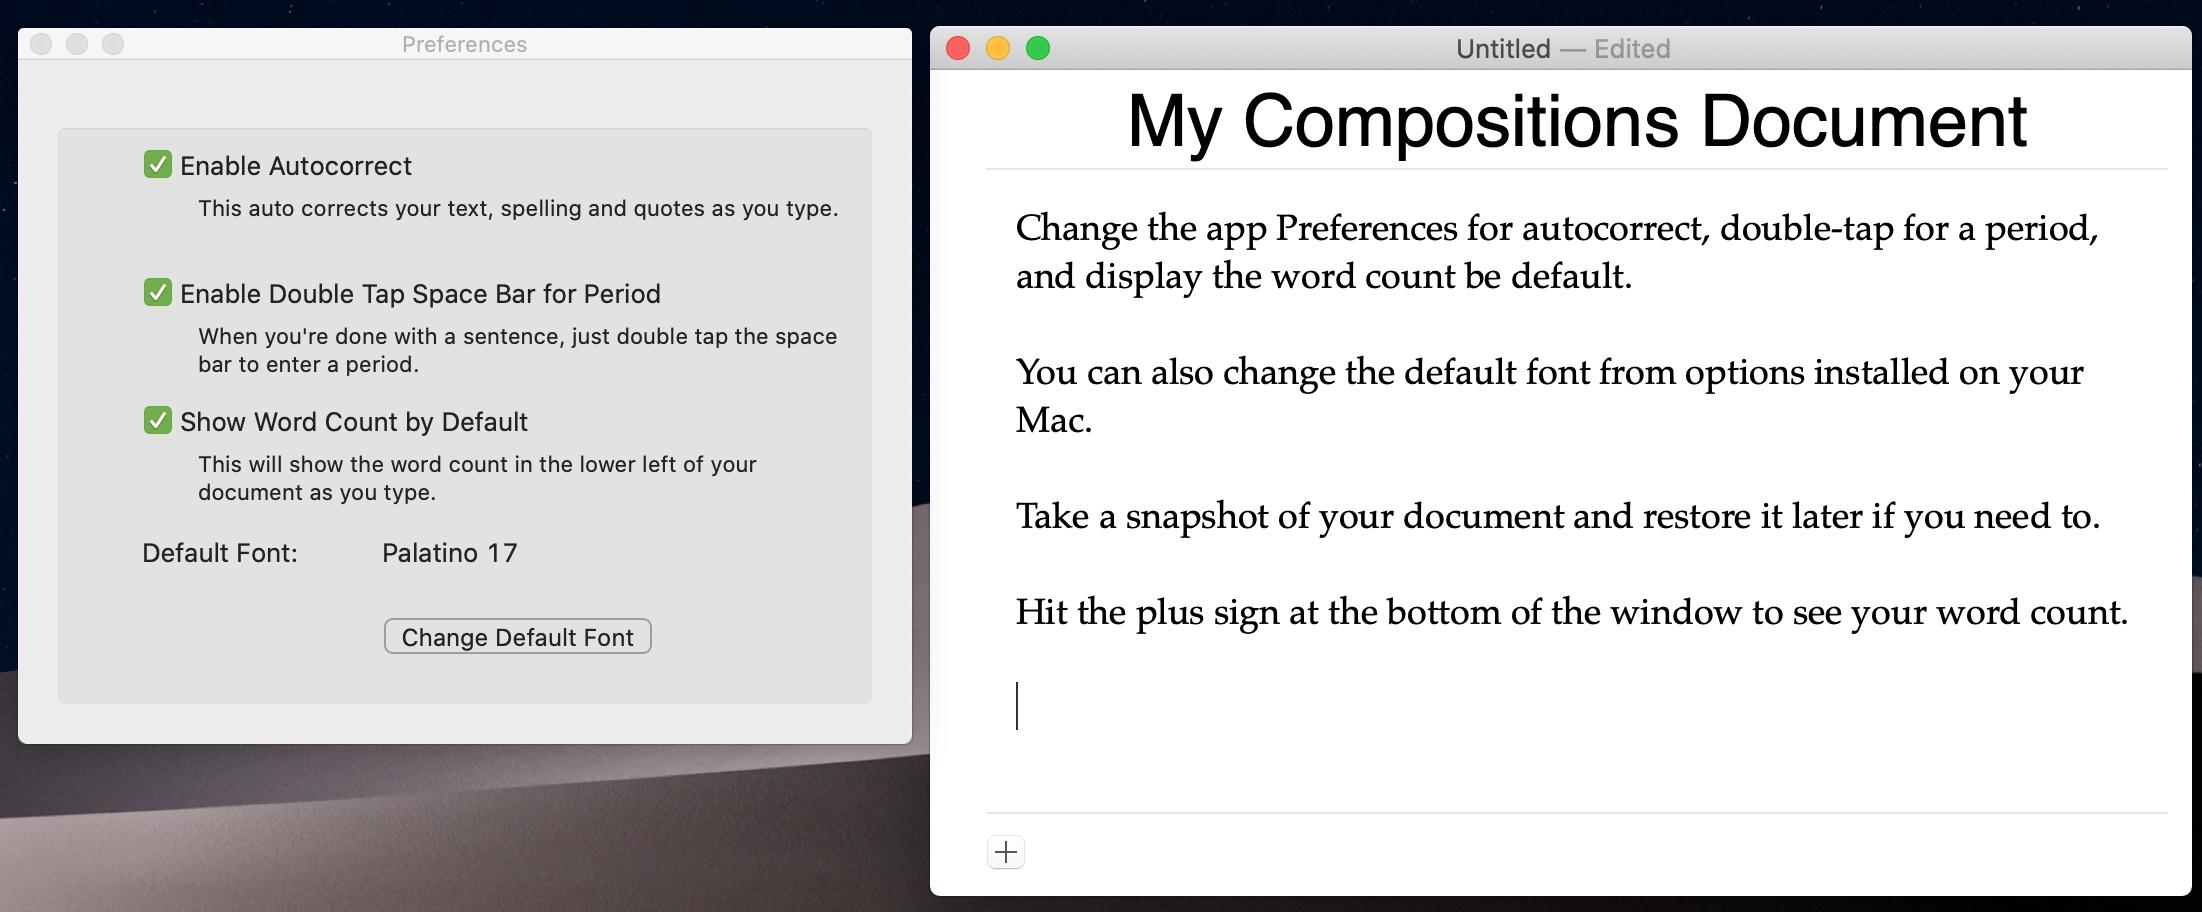 Teemat-sovellus Mac-tietokoneelle keskittyvää kirjoitusta varten